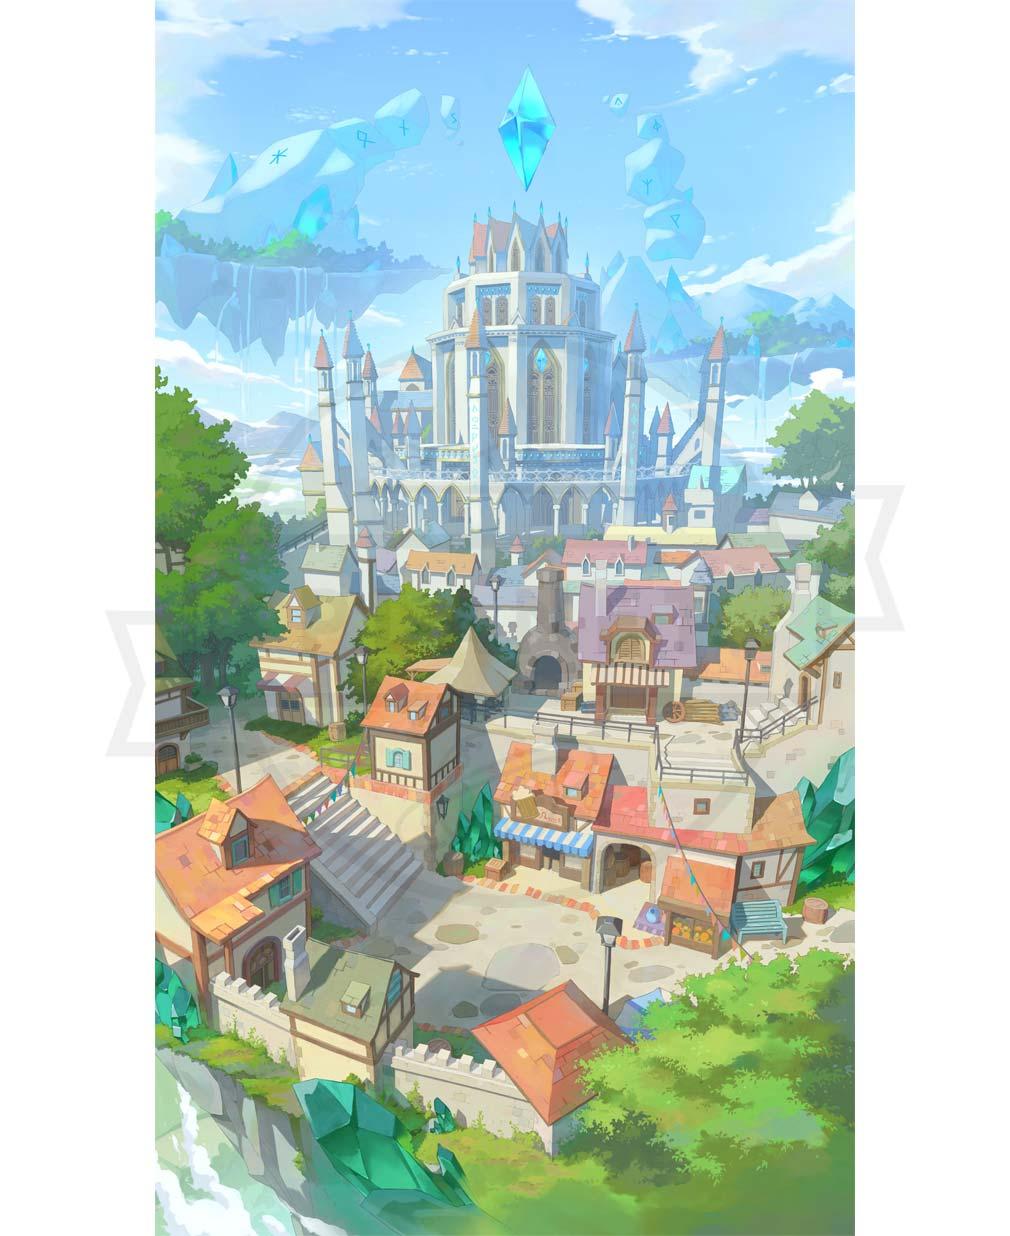 エースアーチャー ゲーム内で最初の拠点となる『ヴァルハラ聖殿』イラストイメージ